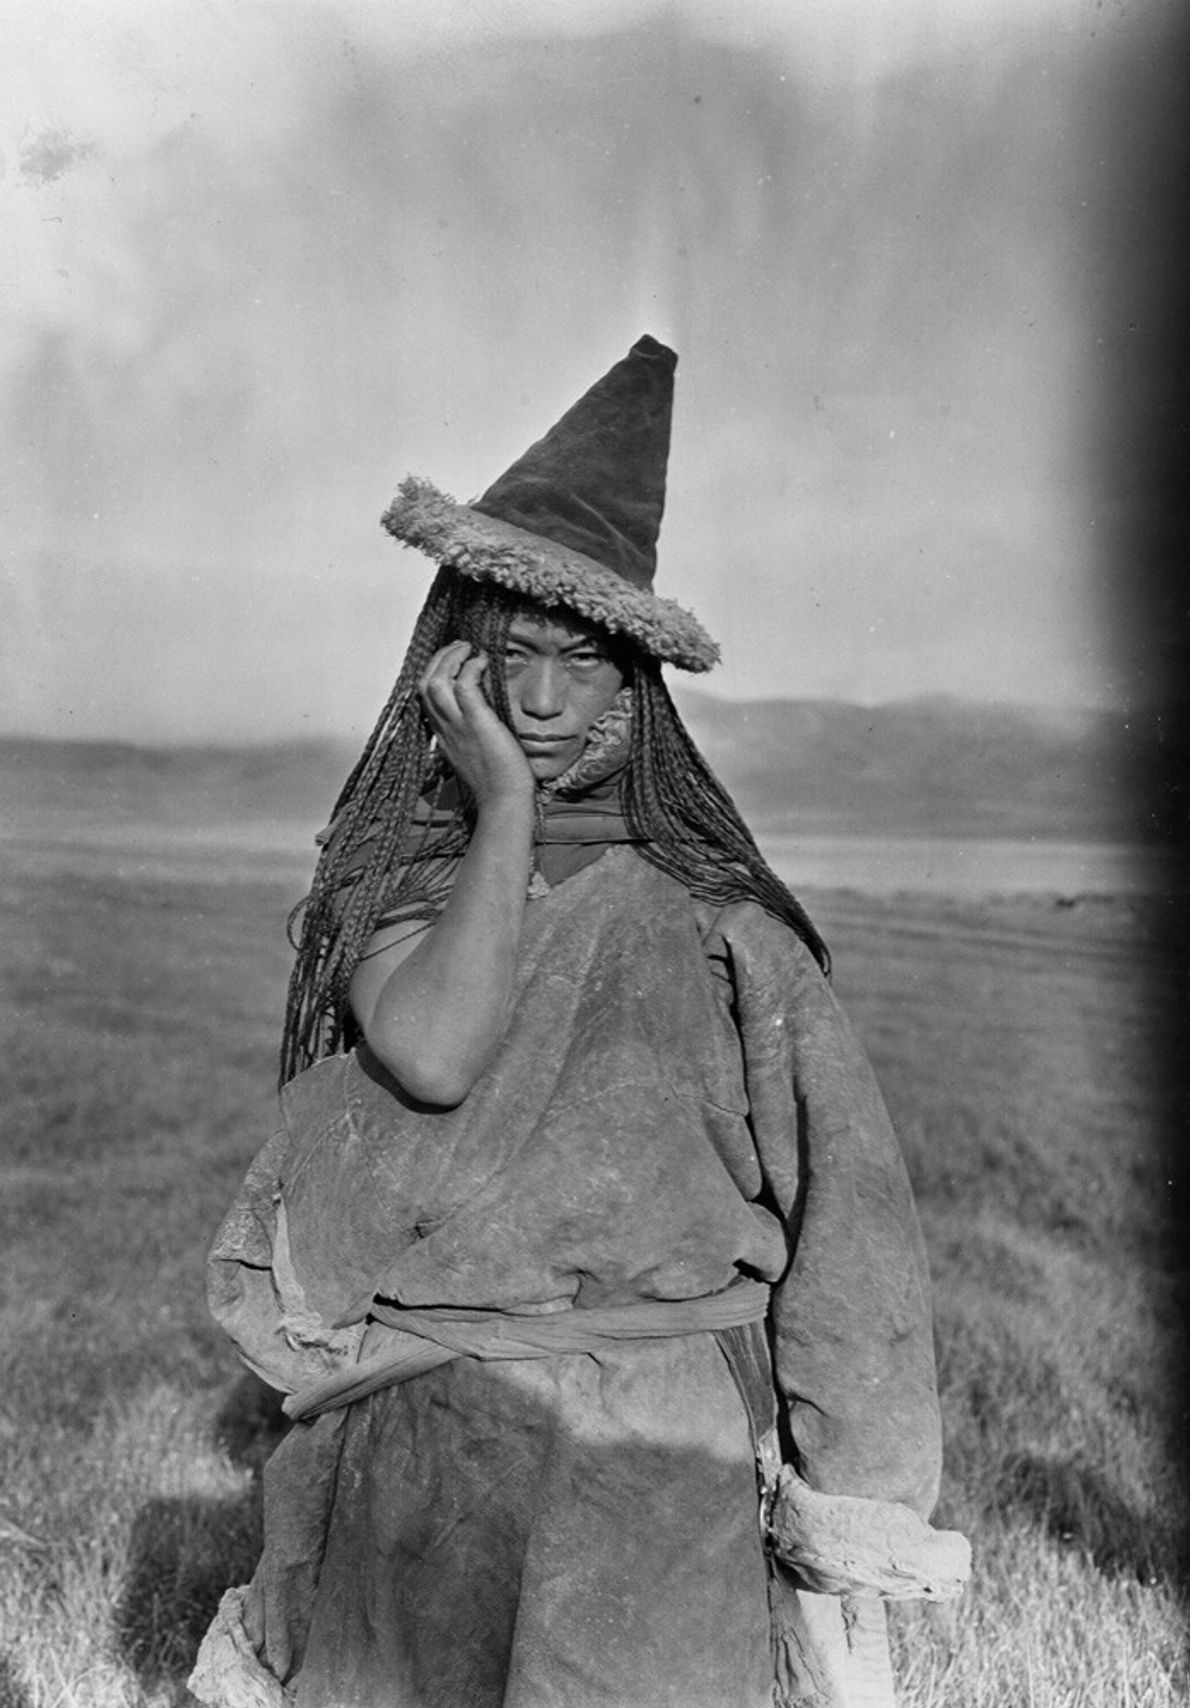 Chine, 1925 : une femme nomade tibétaine porte son chapeau pointu traditionnel. Le Tibet a longtemps été ...